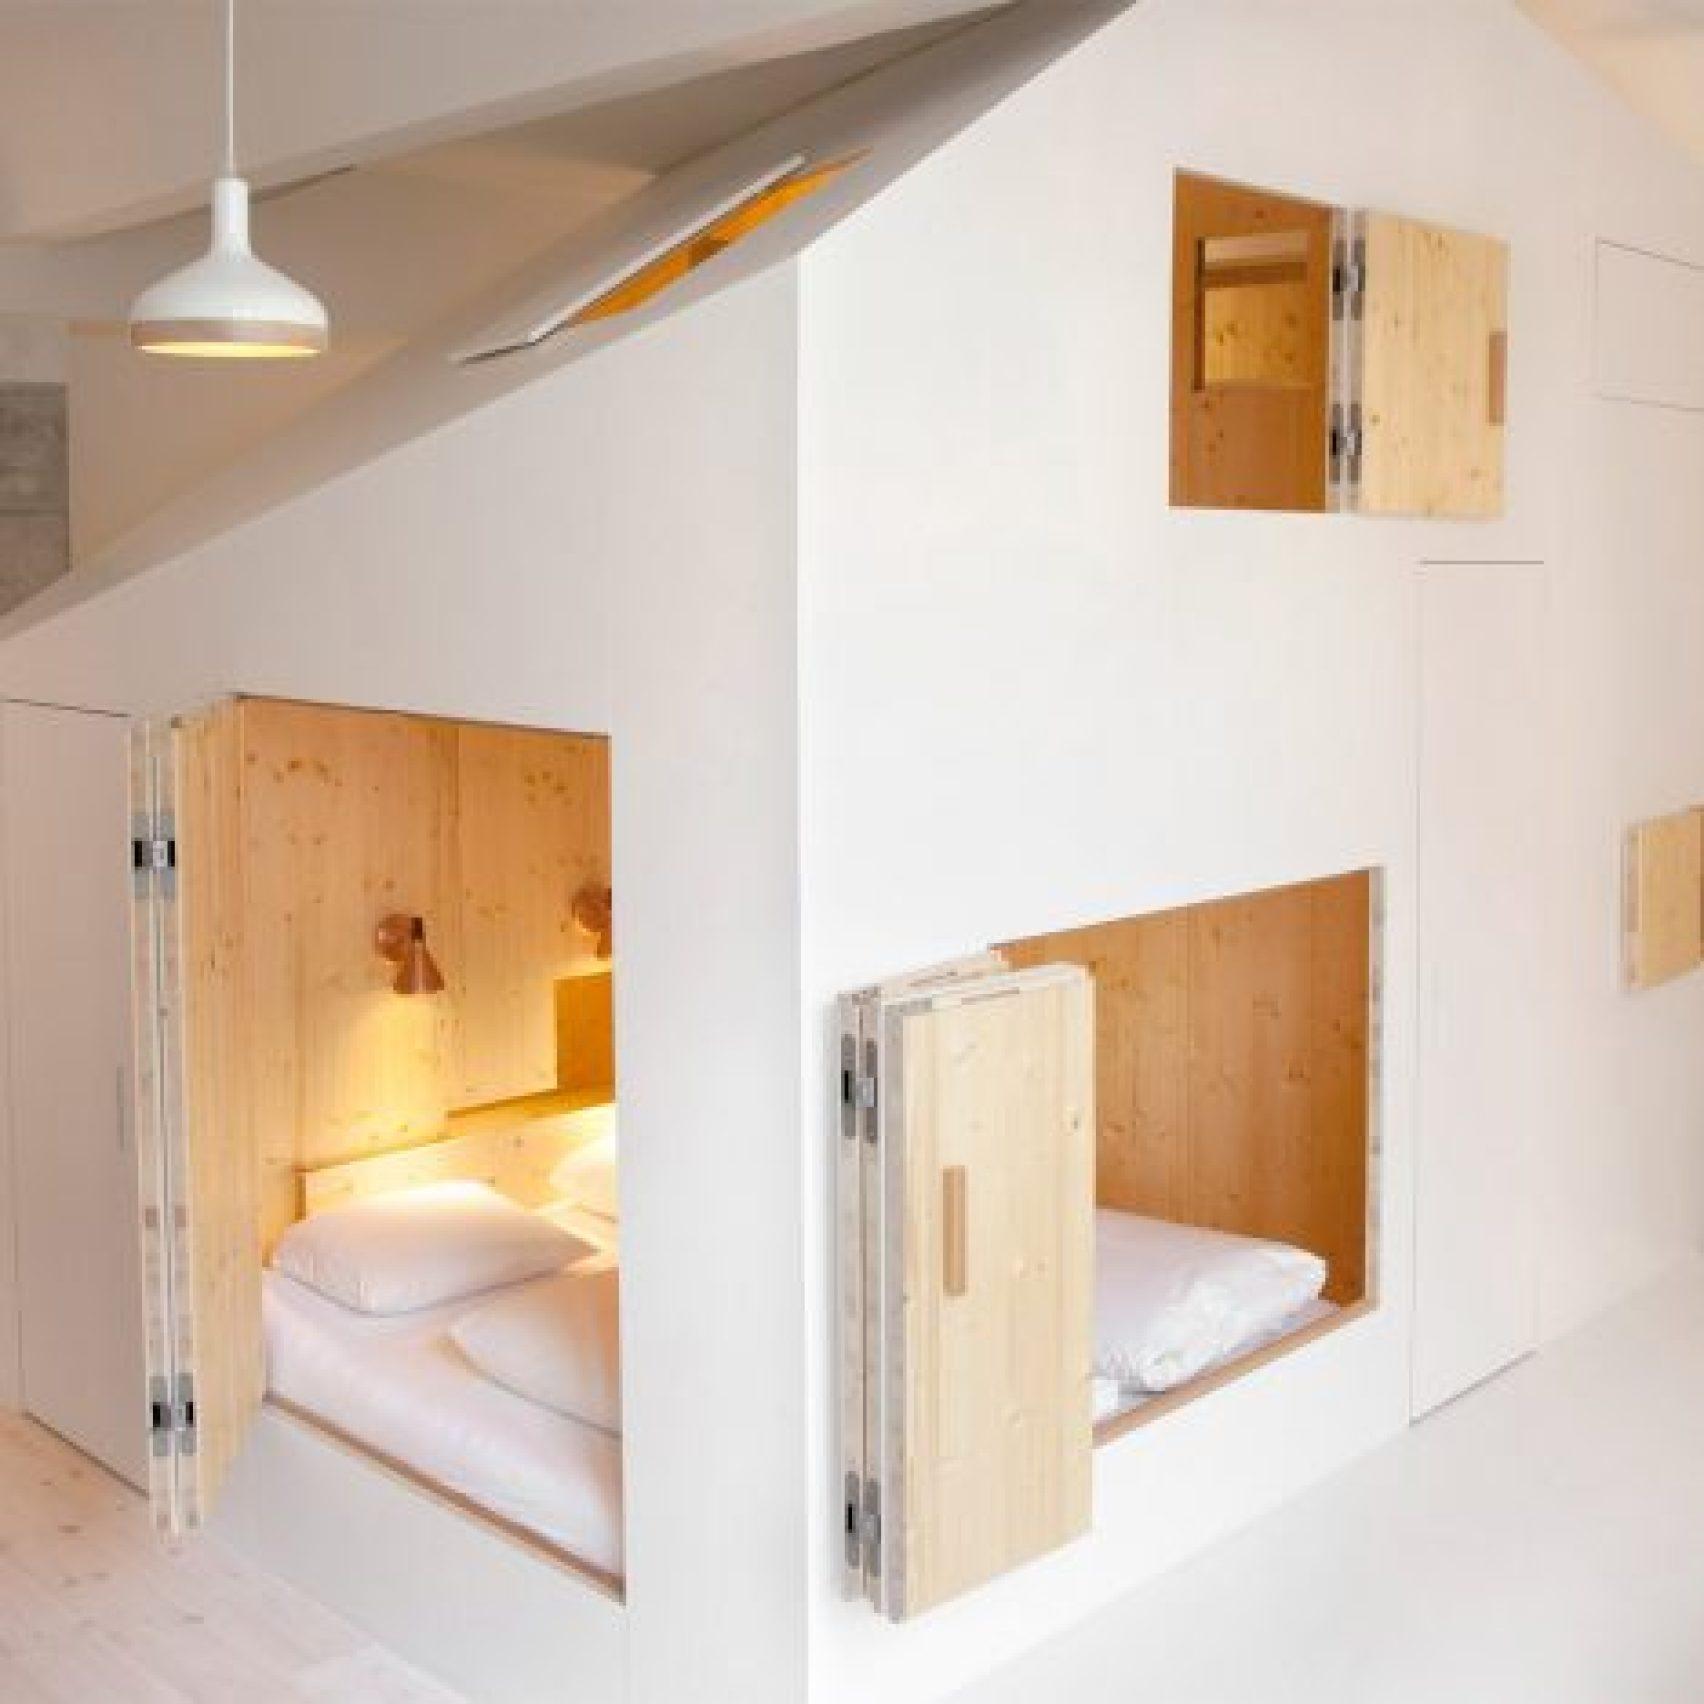 hotel-room-interiors-dezeen-pinterest-boards_dezeen_1704_col_8